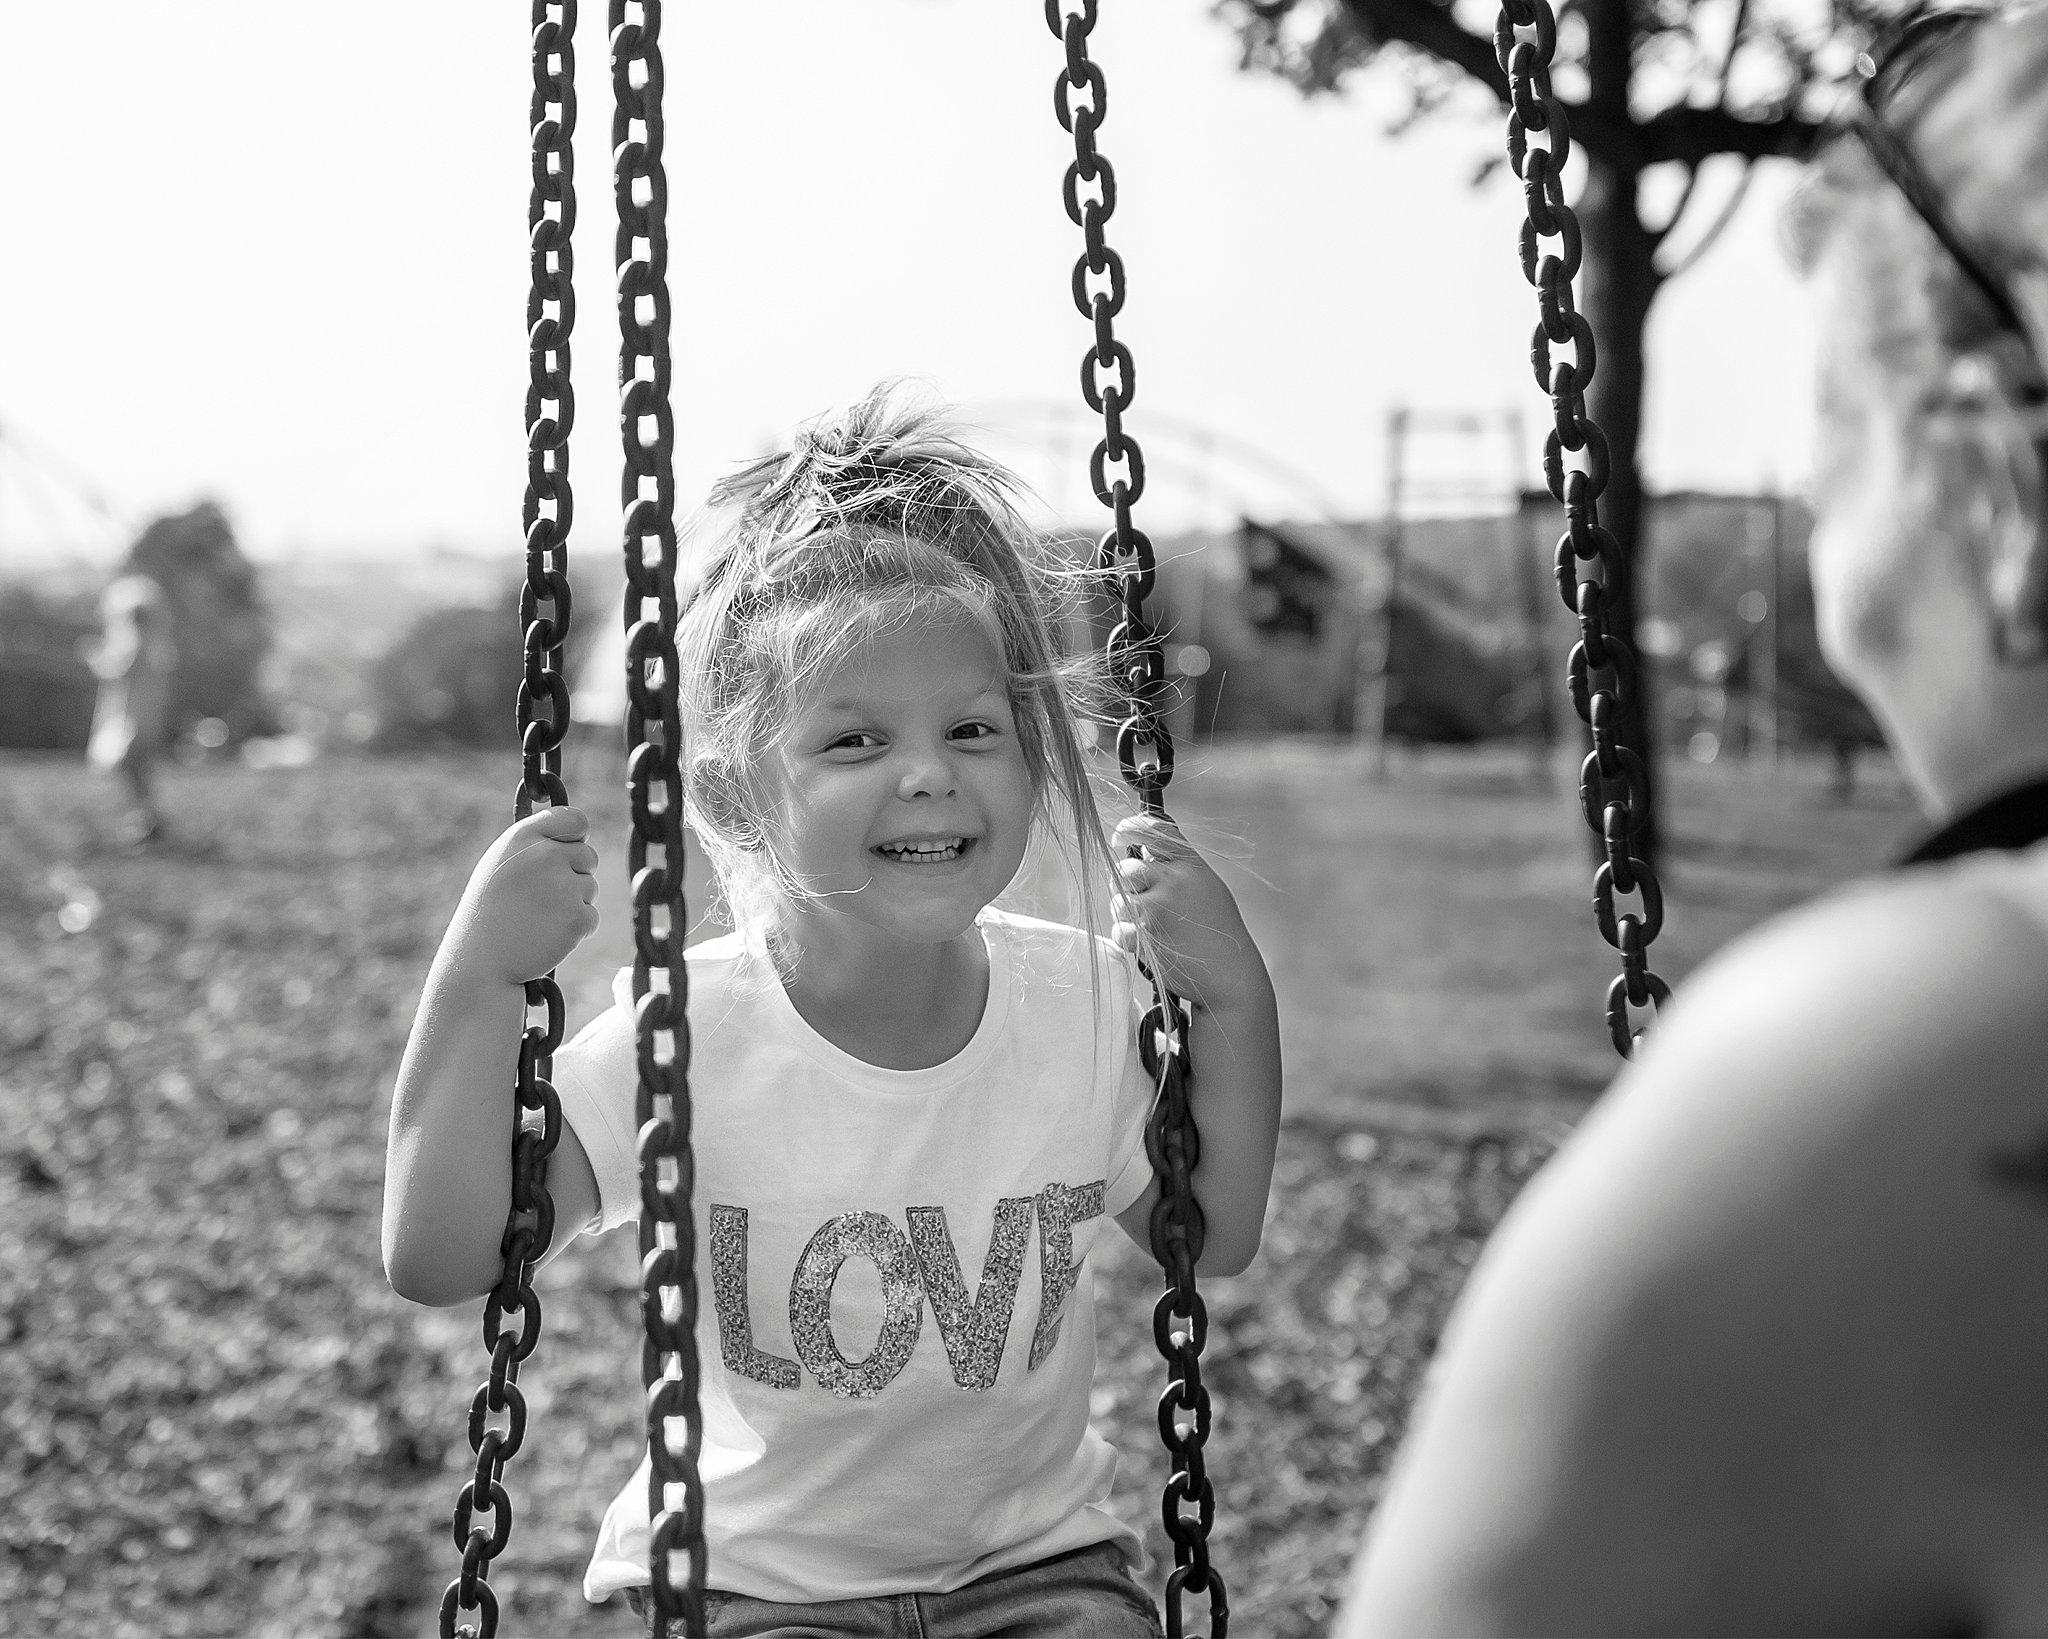 Family_portraits_Family_photographer_family_photography>out_door_photo_shhoots_family_photo_shoots_photographers_near_me Sarah_bee_photography_1303.jpg